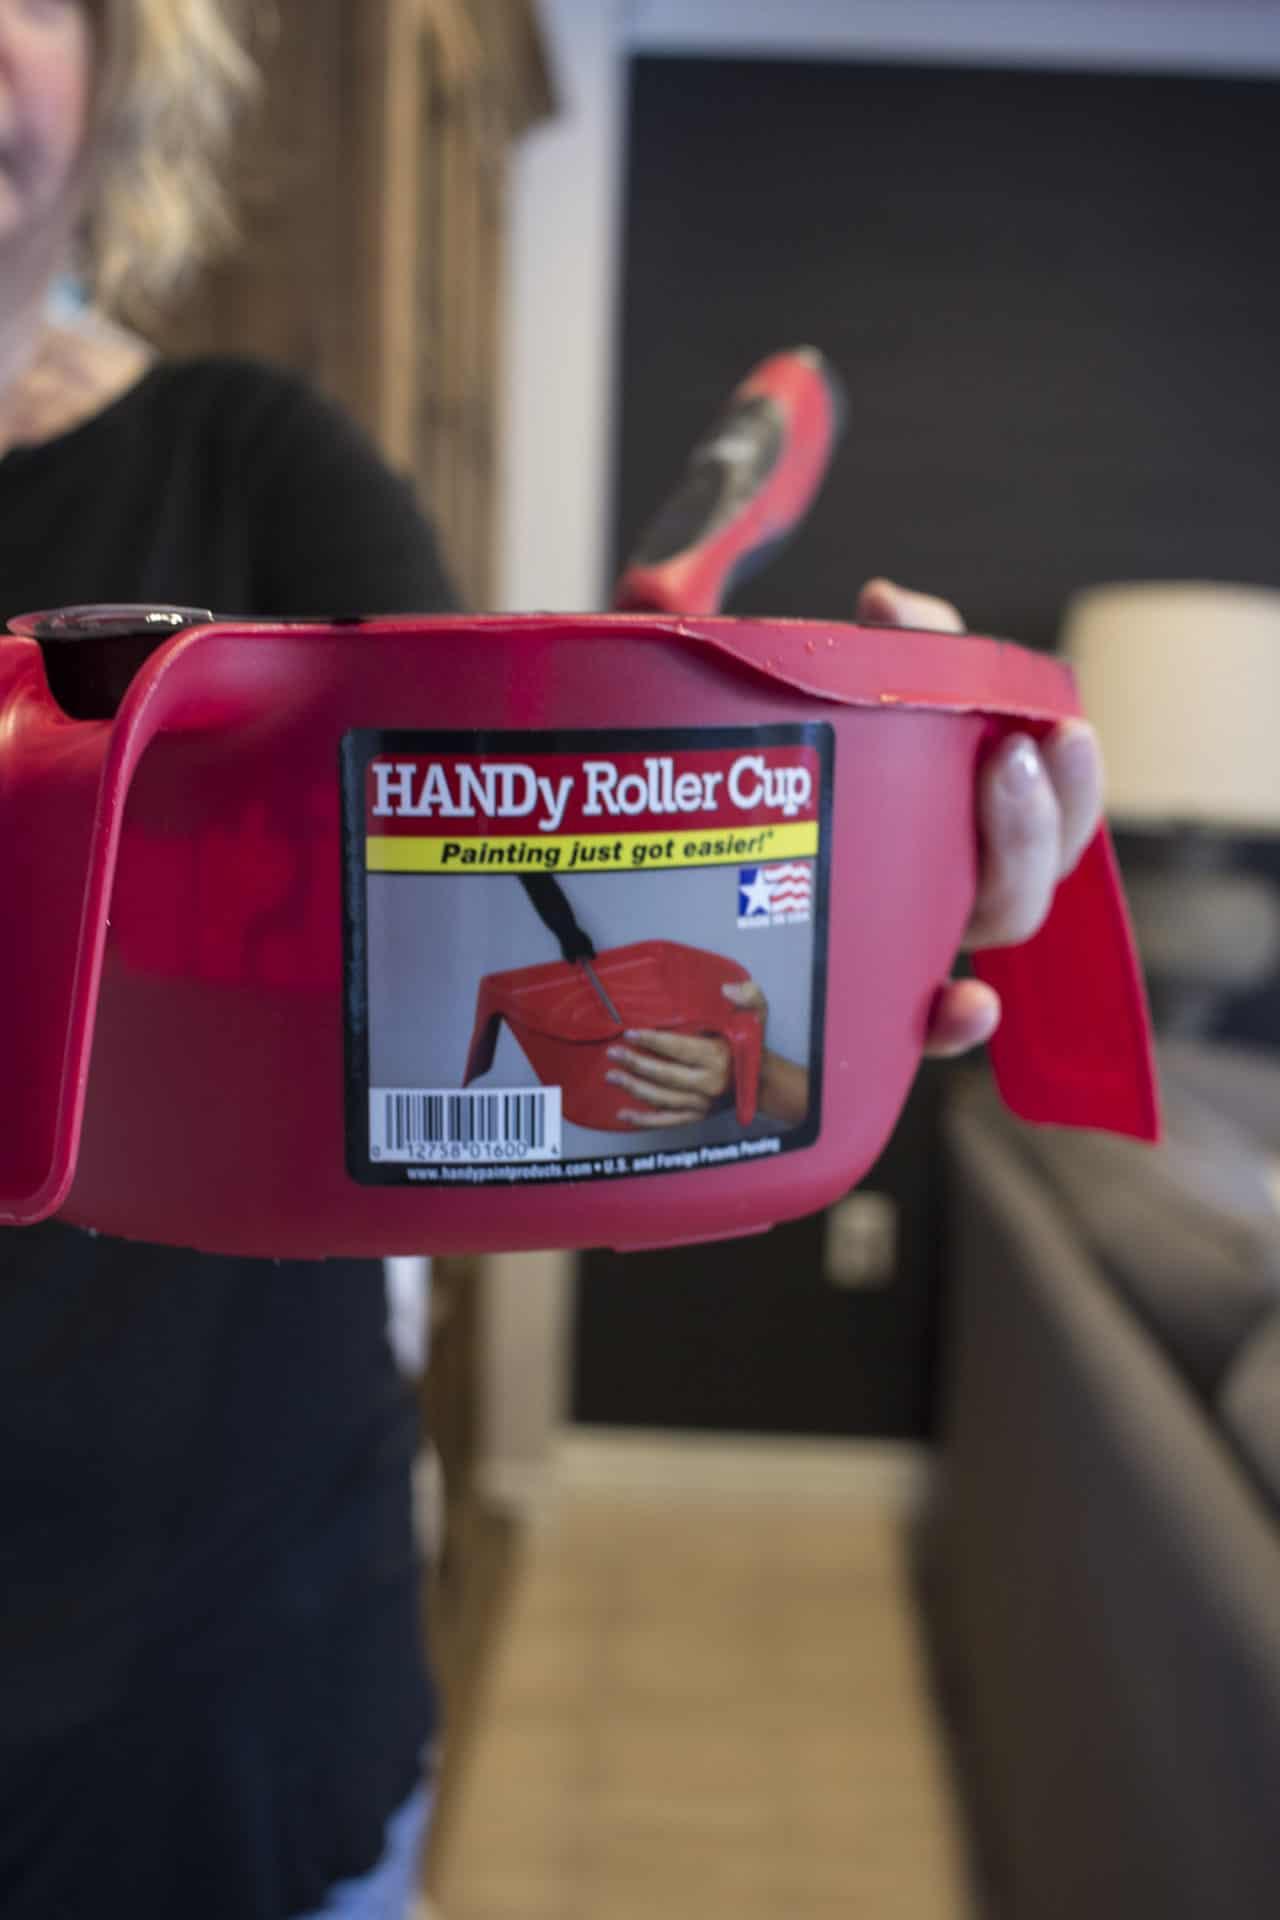 HANDy Roller Cup